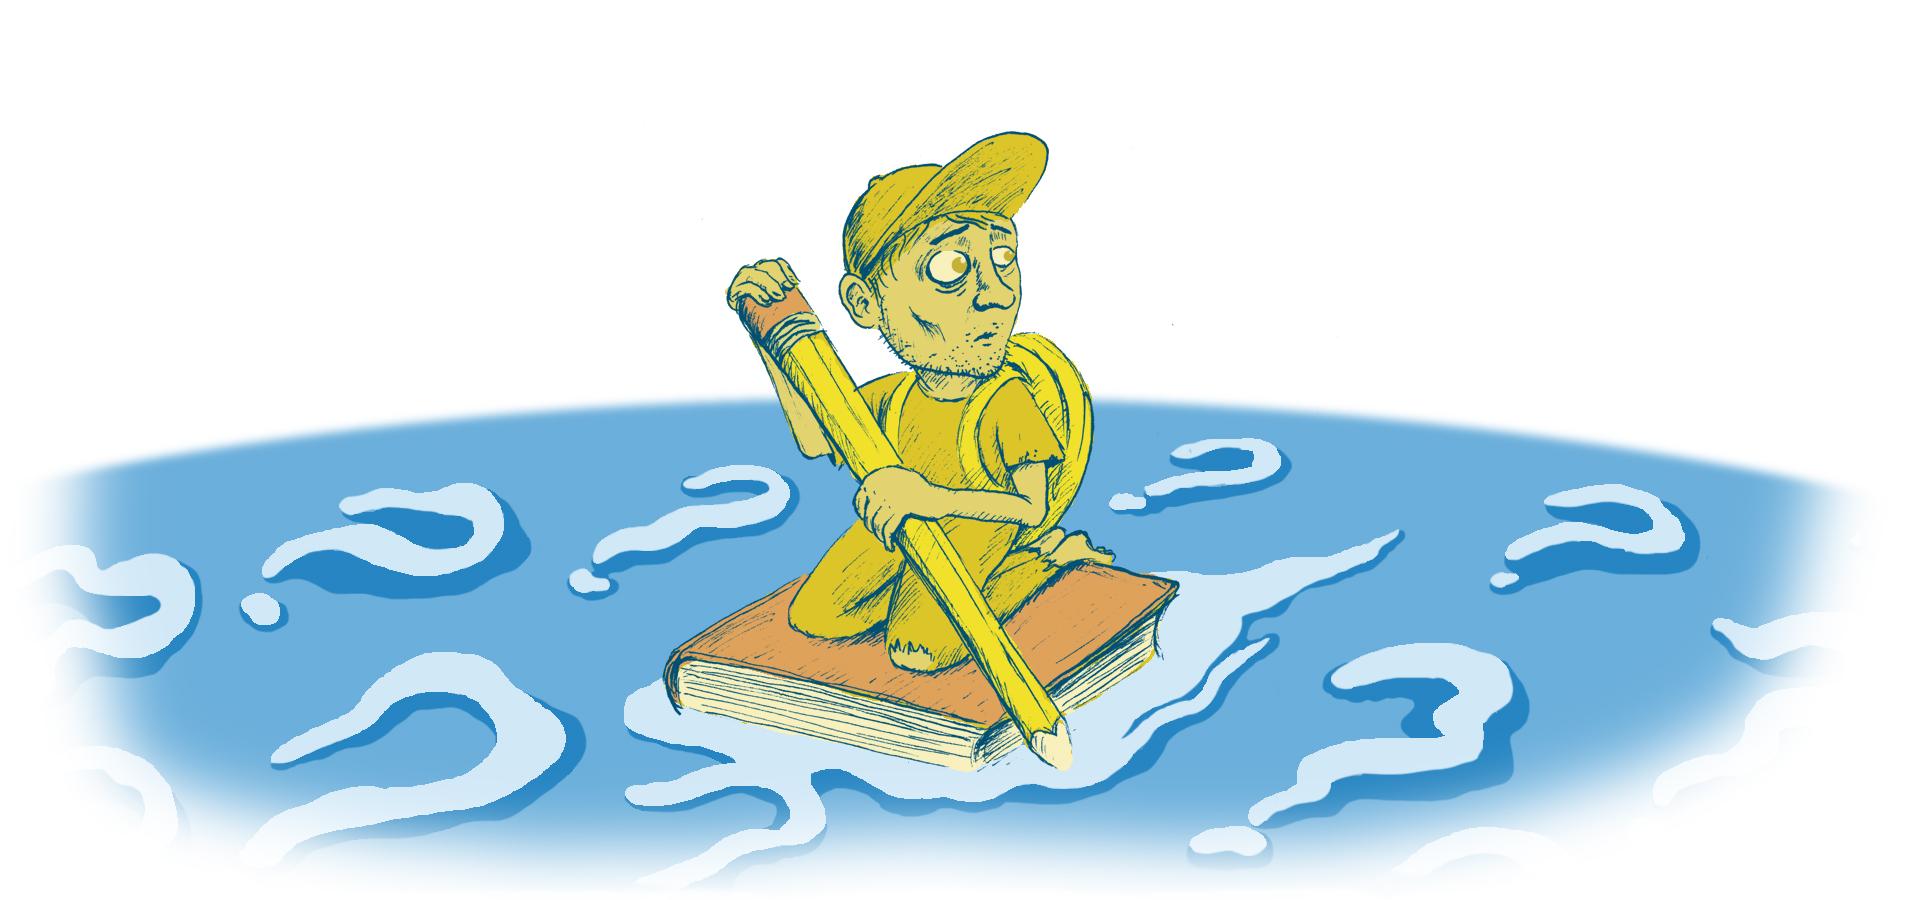 Een student, op zoek naar een onderzoeksvraag, doolt rond op zijn scriptie over een oceaan vol vraagtekens.